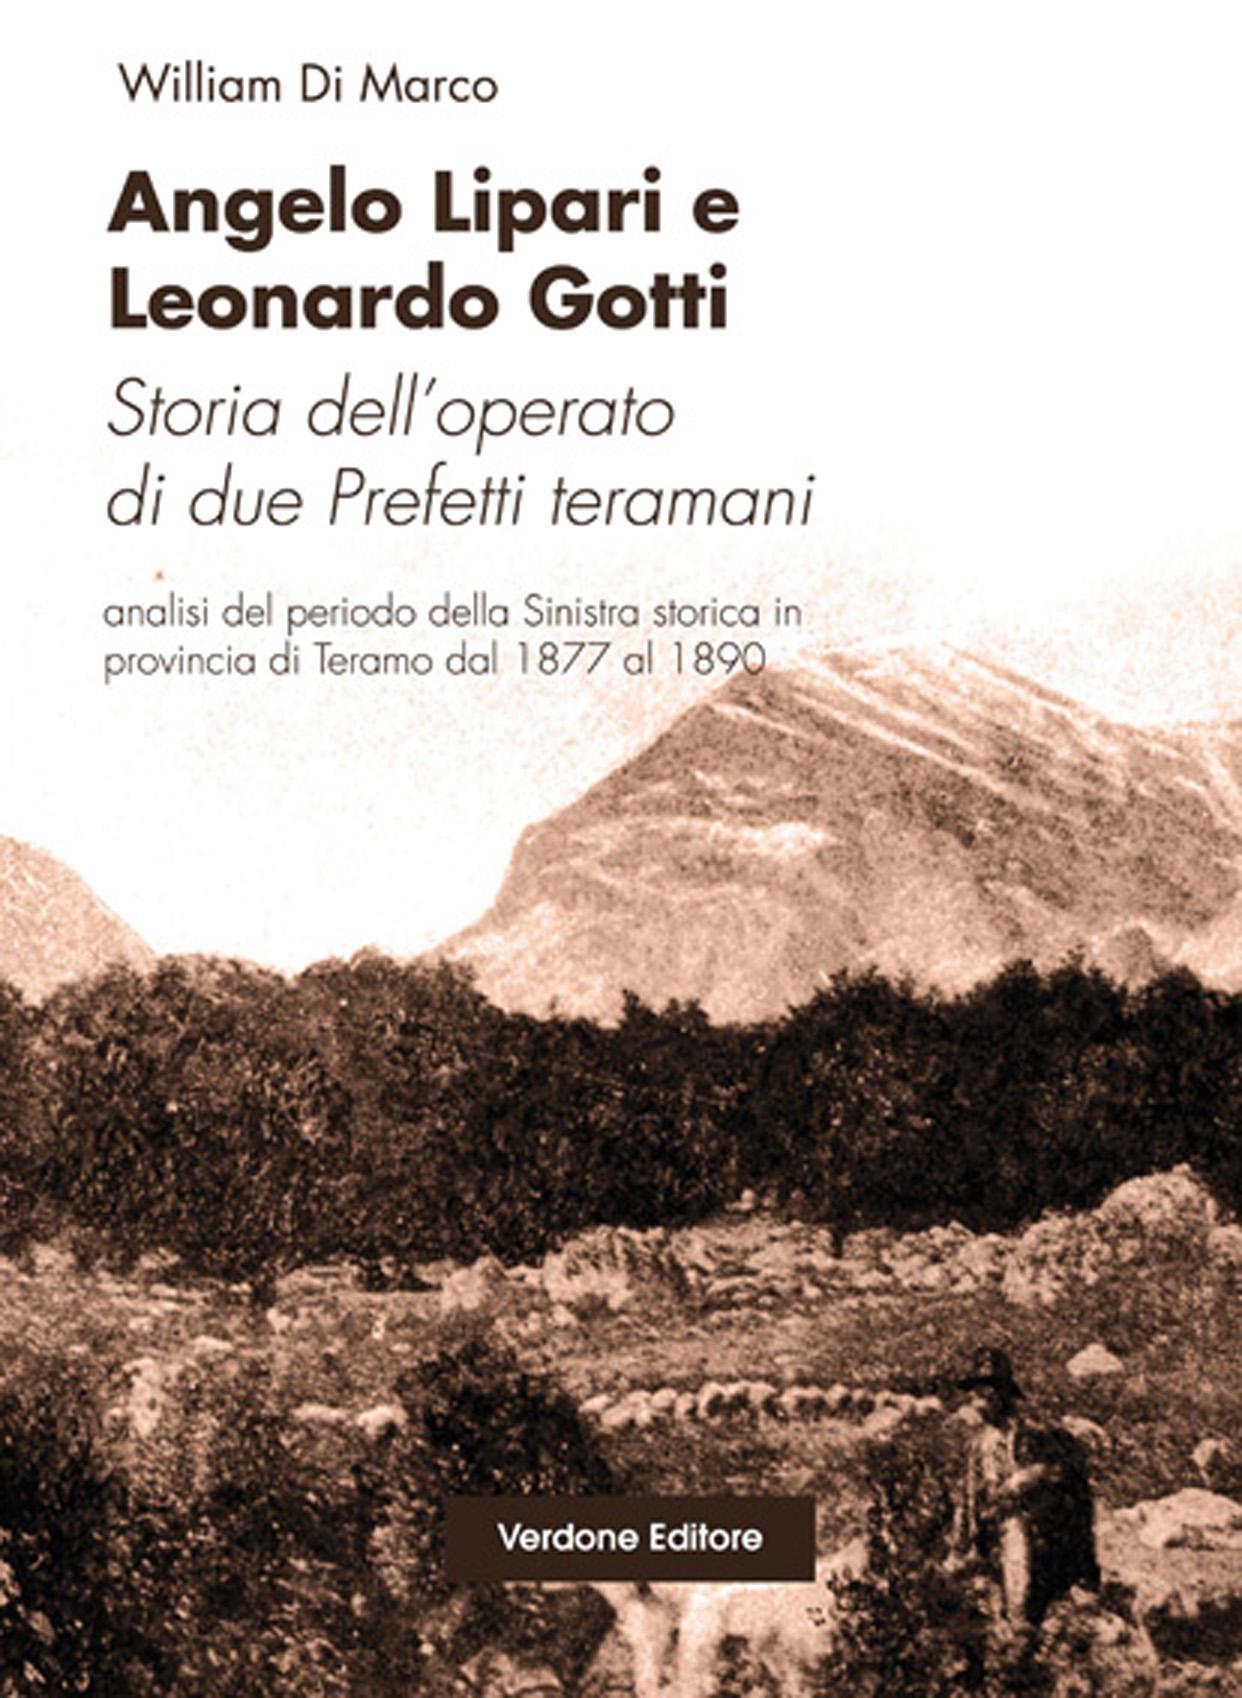 http://www.williamdimarco.it/files/Libro%20Angelo%20Lipari%20e%20Leonardo%20Gotti.jpg